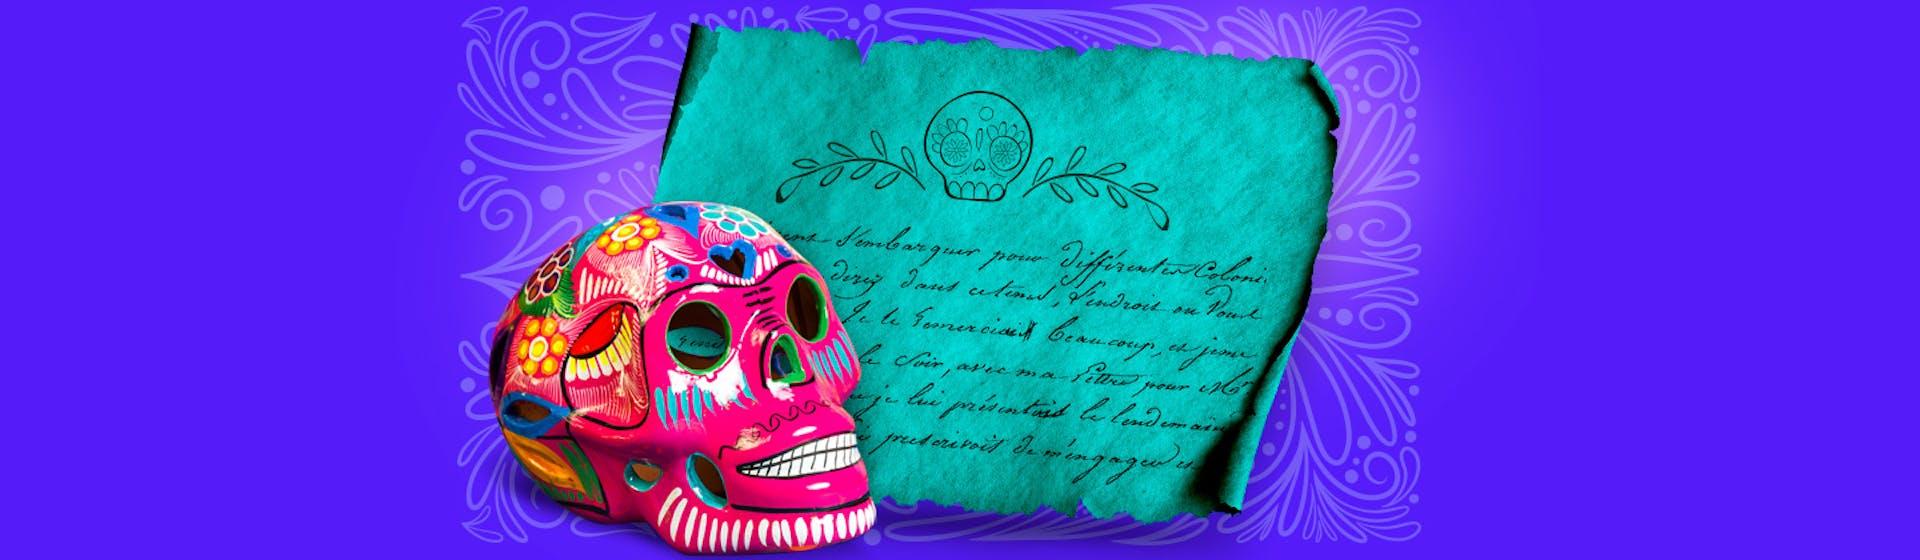 ¿Cómo hacer una calaverita literaria para celebrar el Día de Muertos?